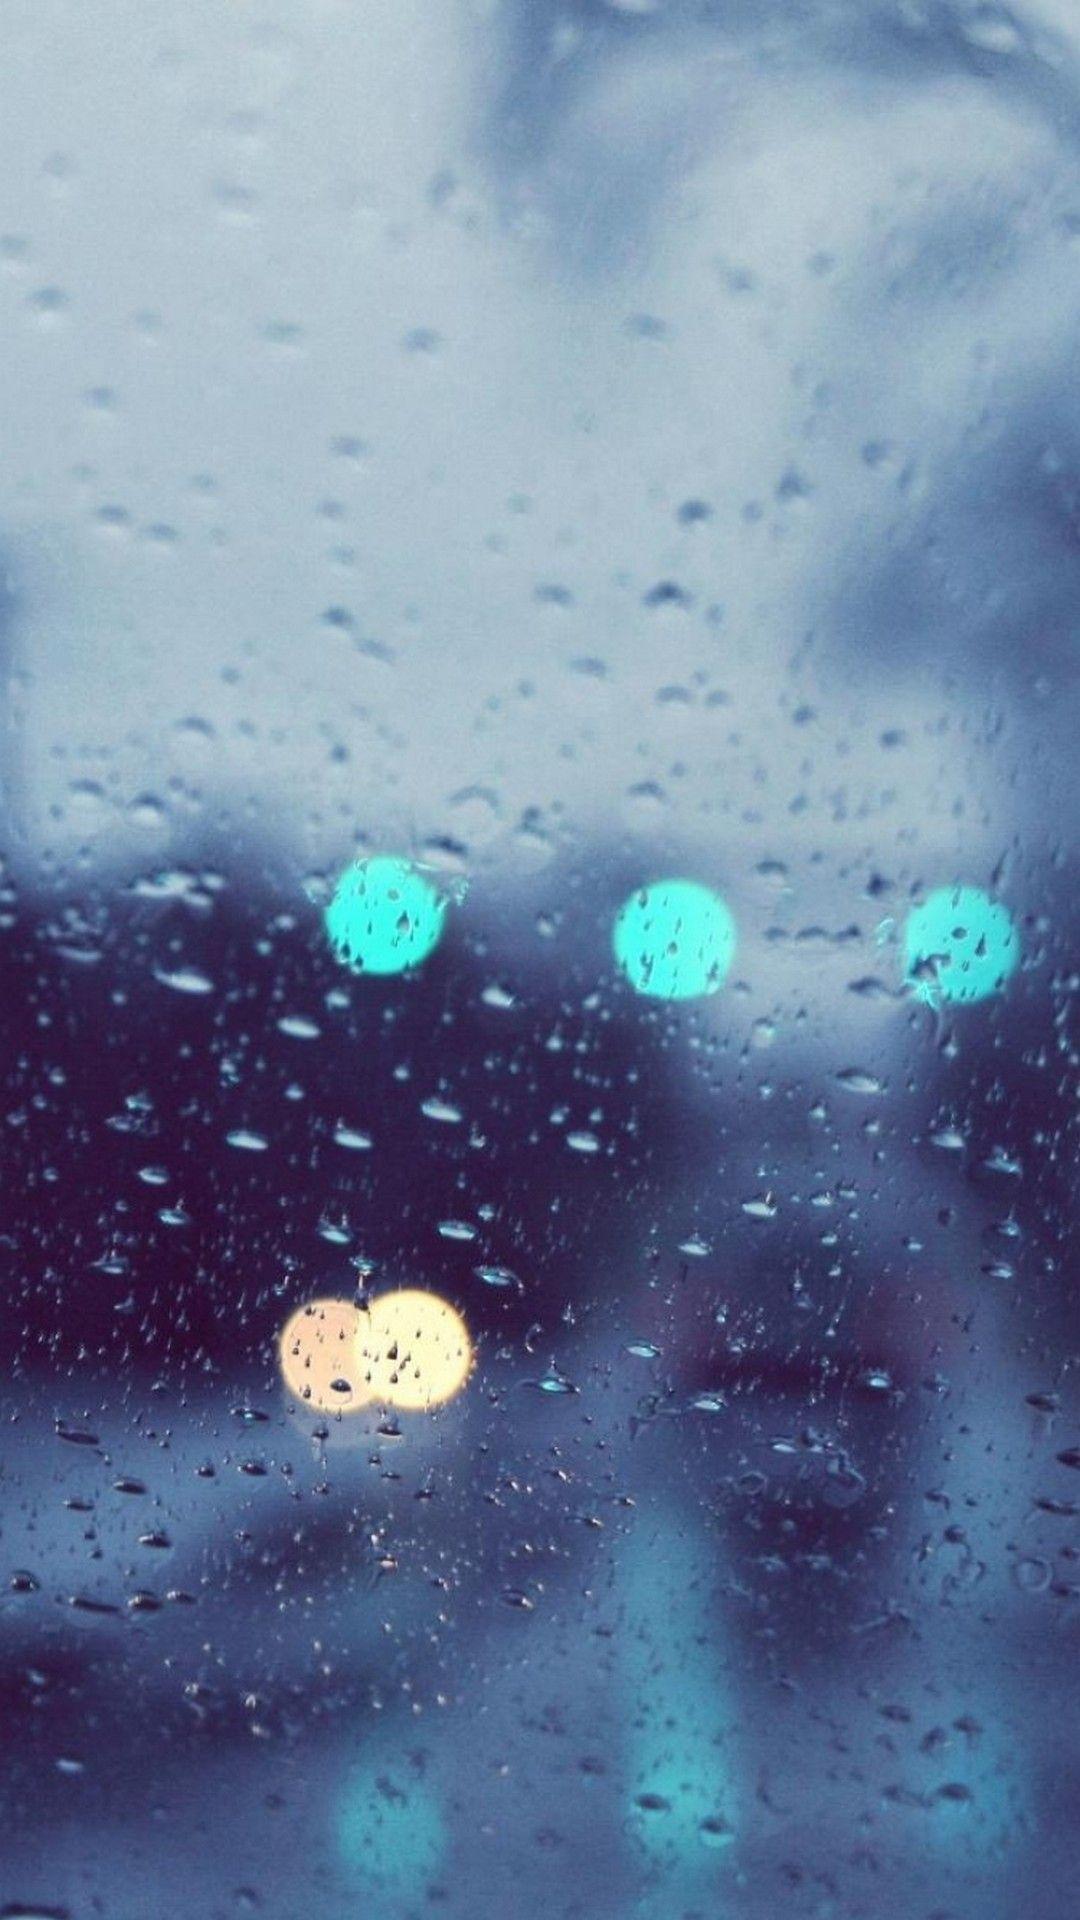 Rain Wallpaper Iphone 7 Rain Wallpapers Iphone Wallpaper